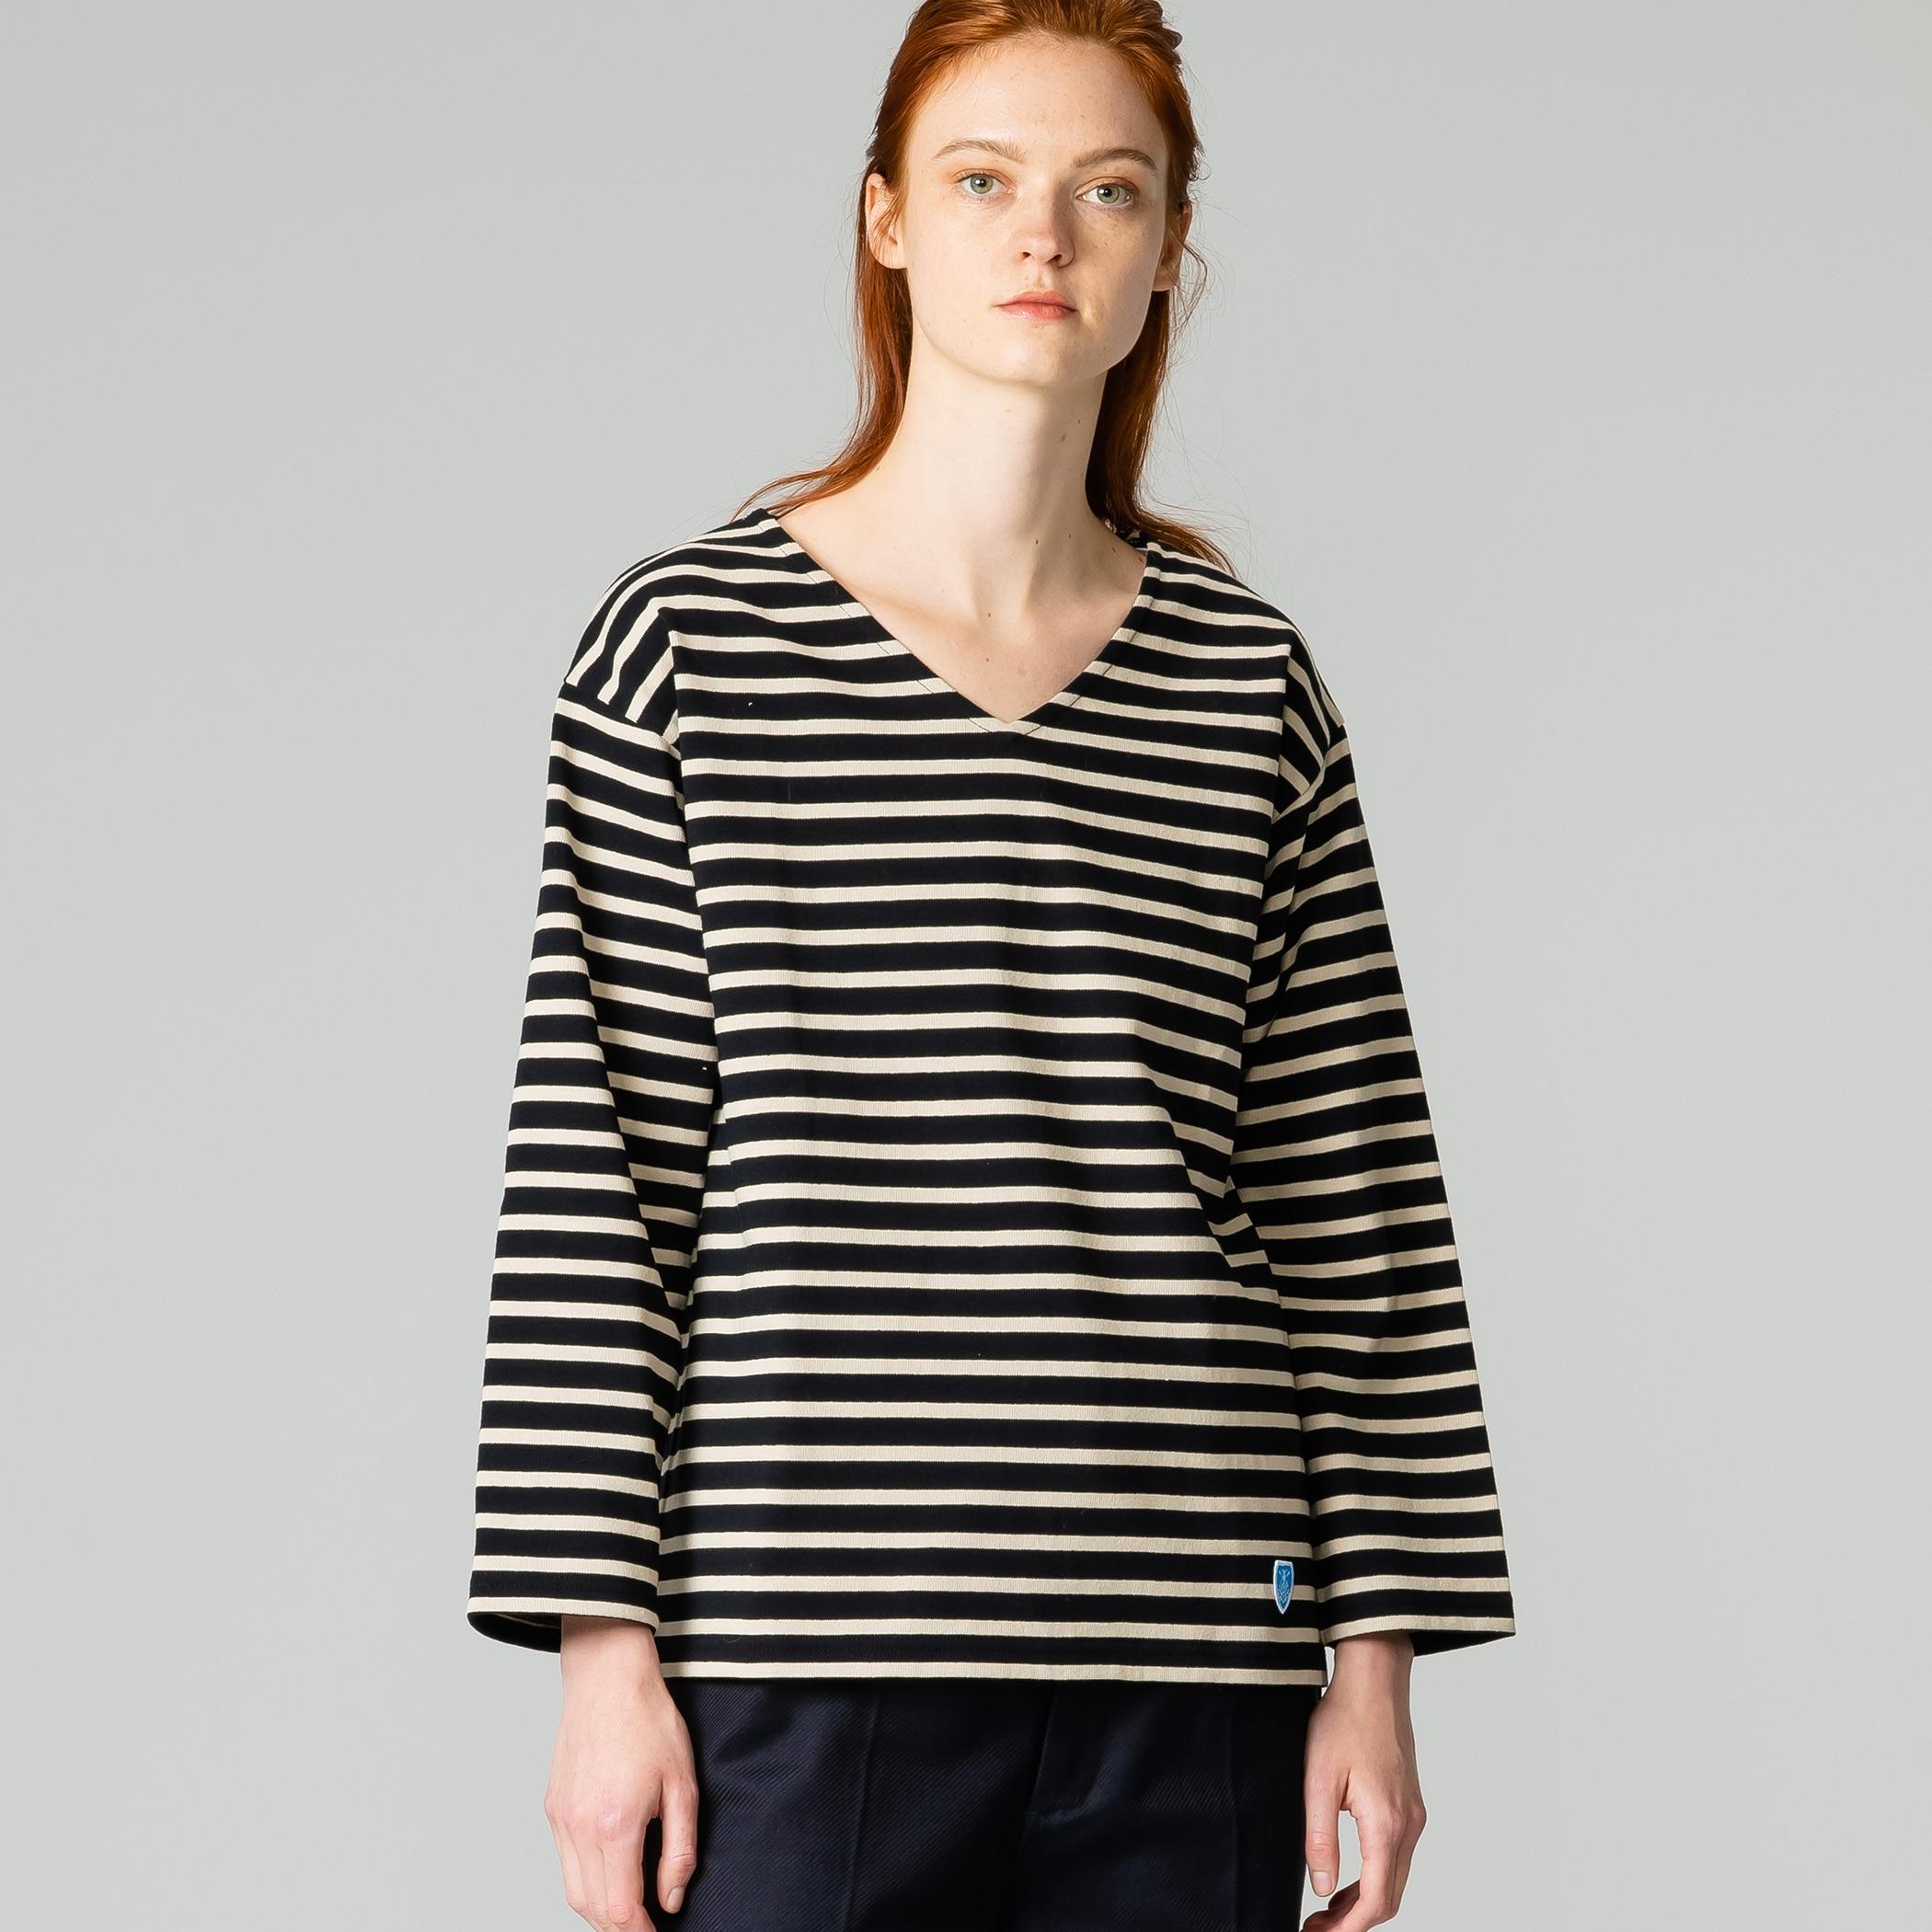 コットンロード VネックTシャツ WOMEN